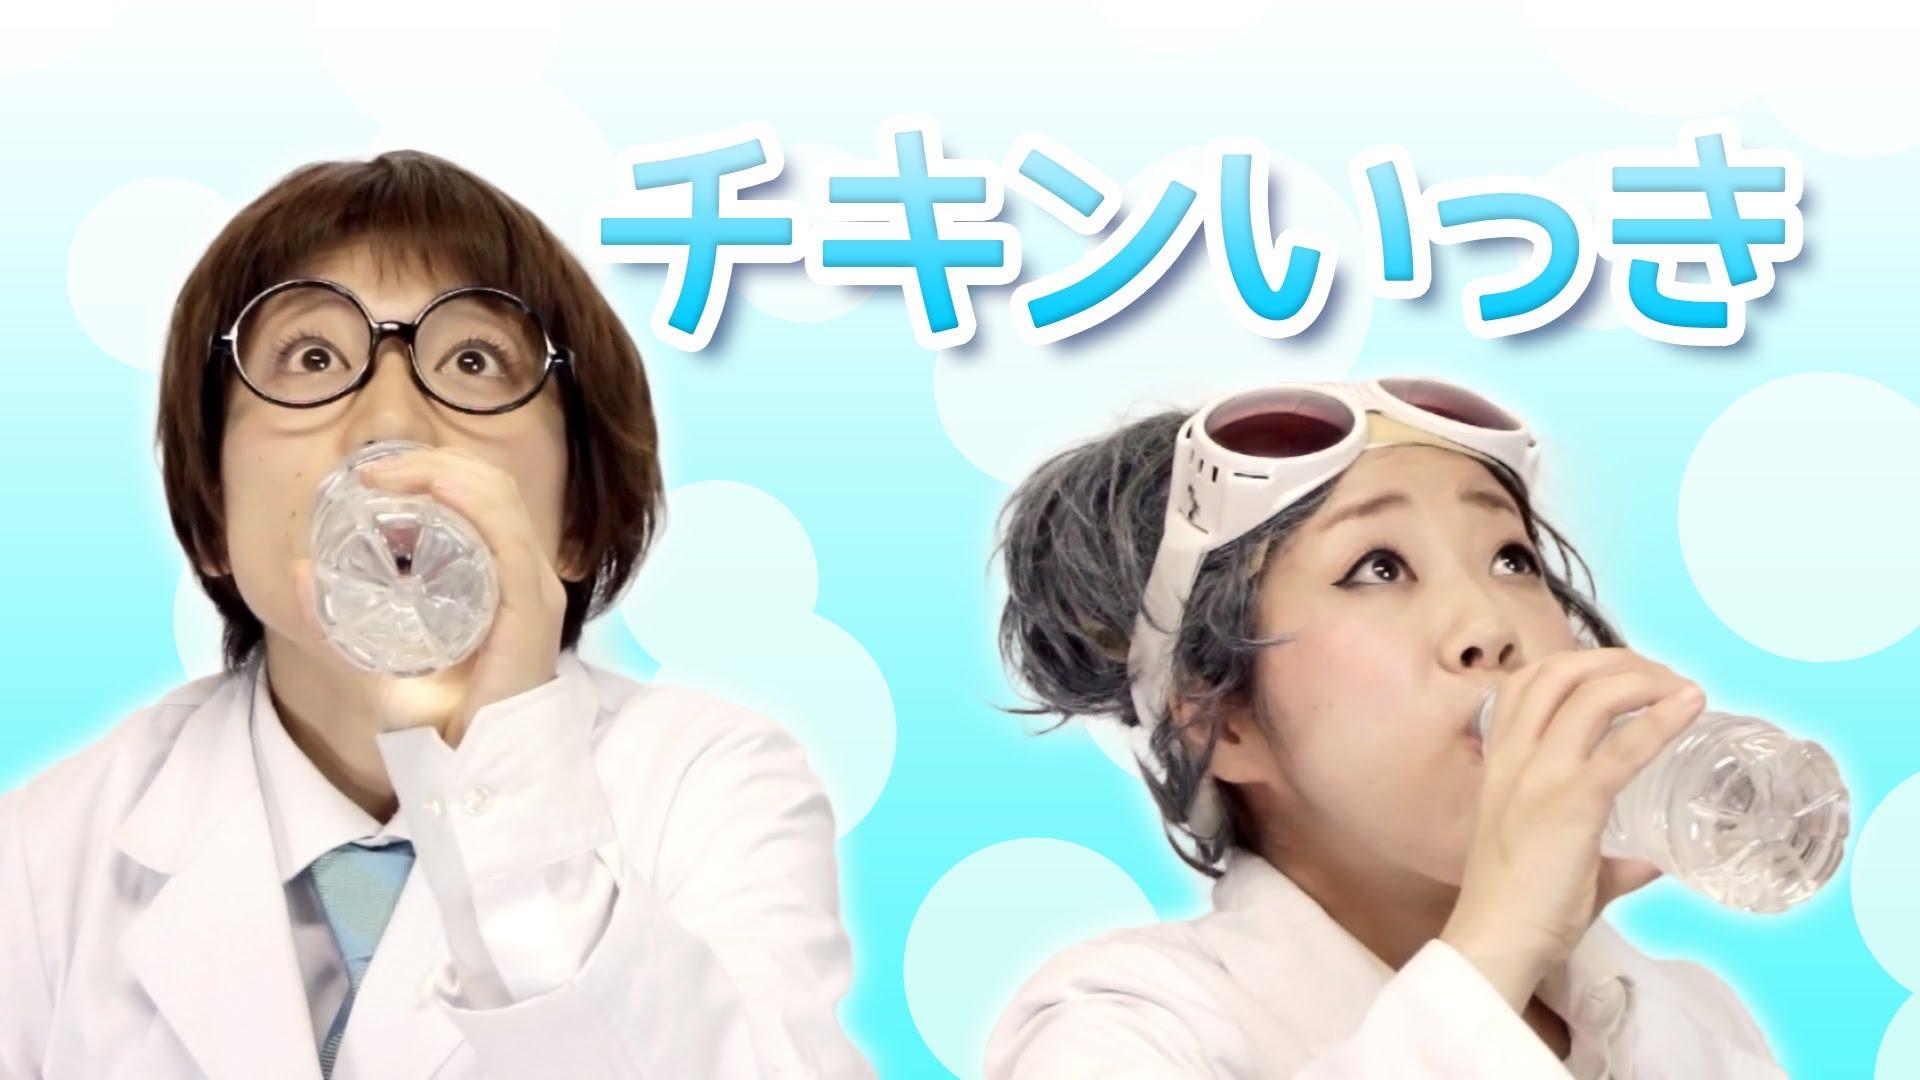 日本エレキテル連合の感電パラレル